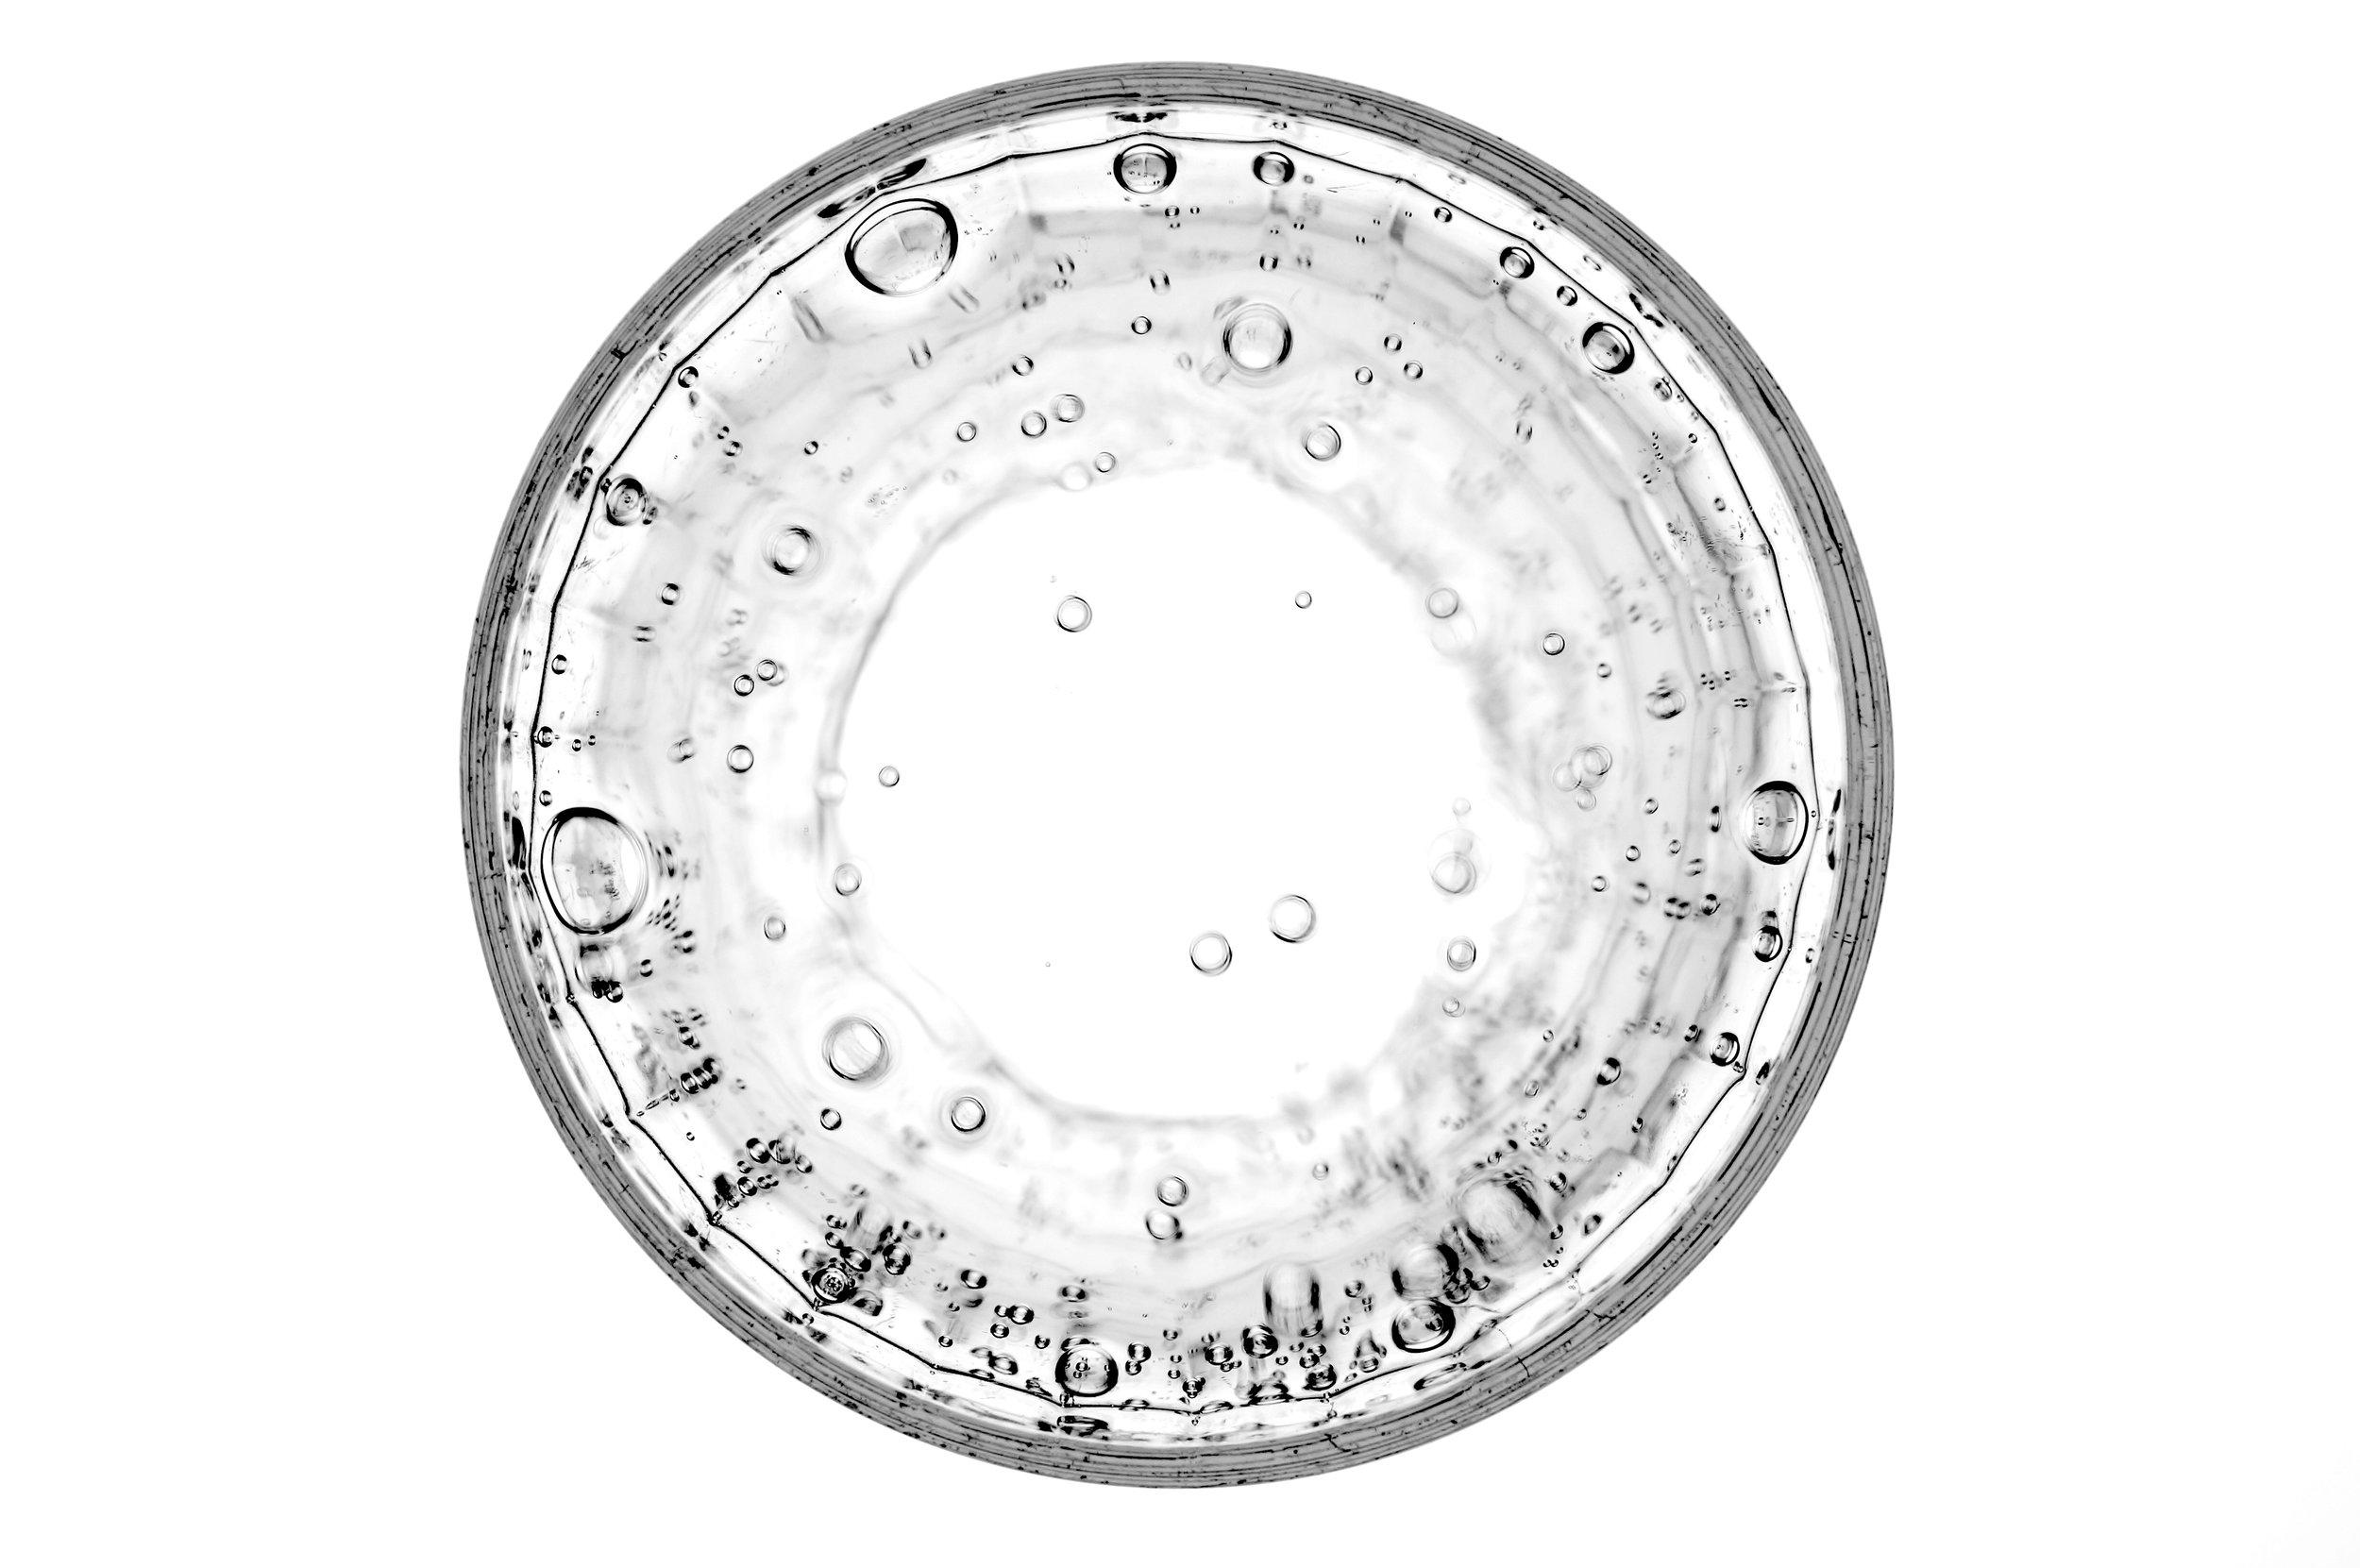 MODULES 3-4-5 - LA LINGUISTIQUE MOLECULAIREVisiter les cellules, comprendre leur incroyable logique de fonctionnement comme leur logique de dysfonctionnement, dans une lisibilité au carrefour du monde de la biologie, de la physique la plus avancée et de la neurobiologie récente, est un indispensable qui permettra de redéfinir les contours de la maladie, son expression et sa résolution.